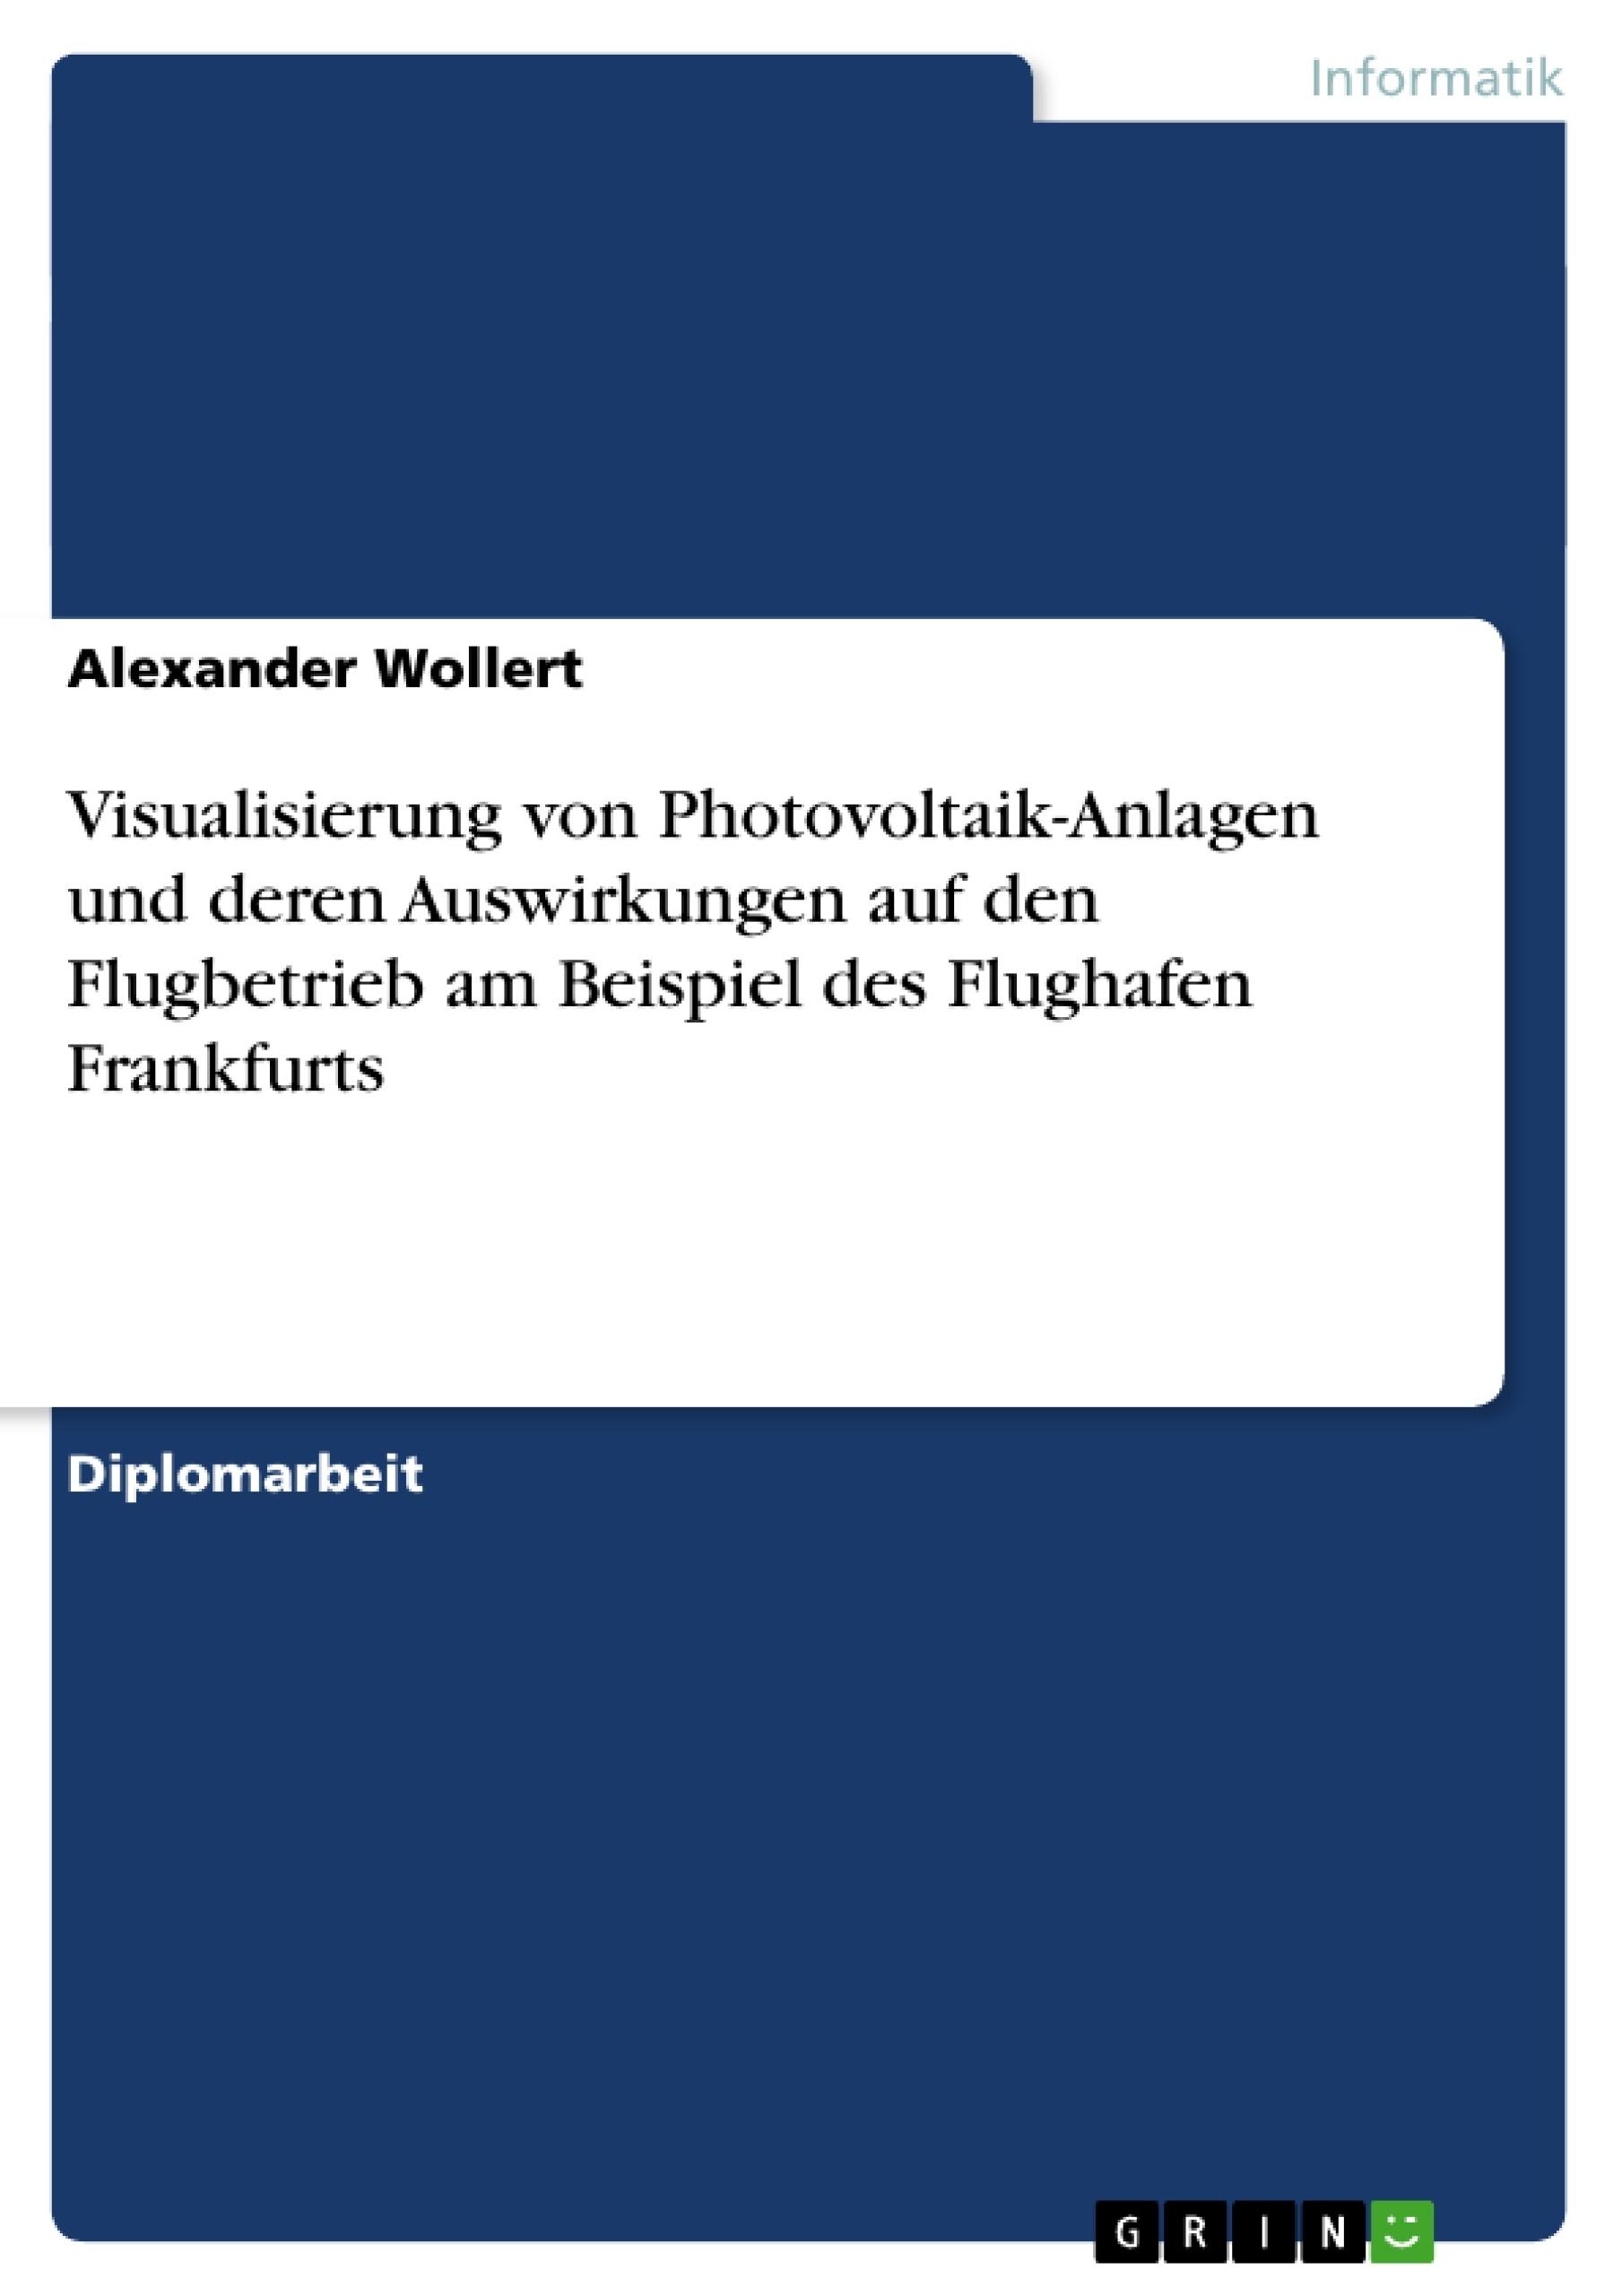 Titel: Visualisierung von Photovoltaik-Anlagen und deren Auswirkungen auf den Flugbetrieb am Beispiel des Flughafen Frankfurts